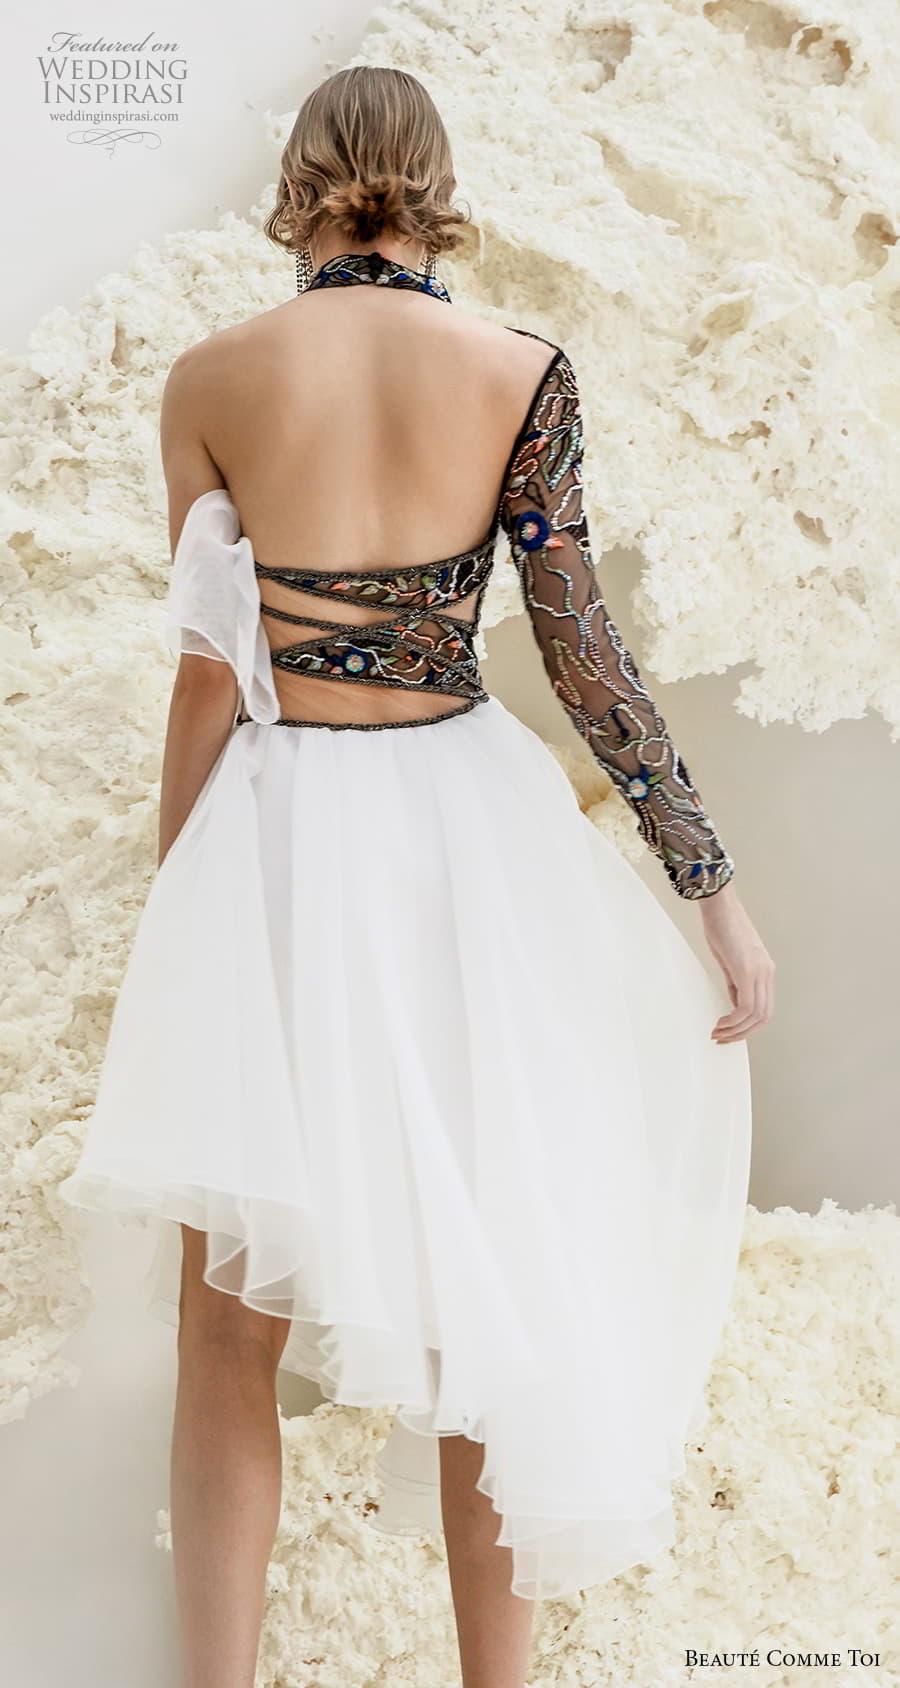 beaute comme toi spring 2022 bridal long sleeves one shoulder high neck heavily embellished bodice black short wedding dress low back (arabella) bv